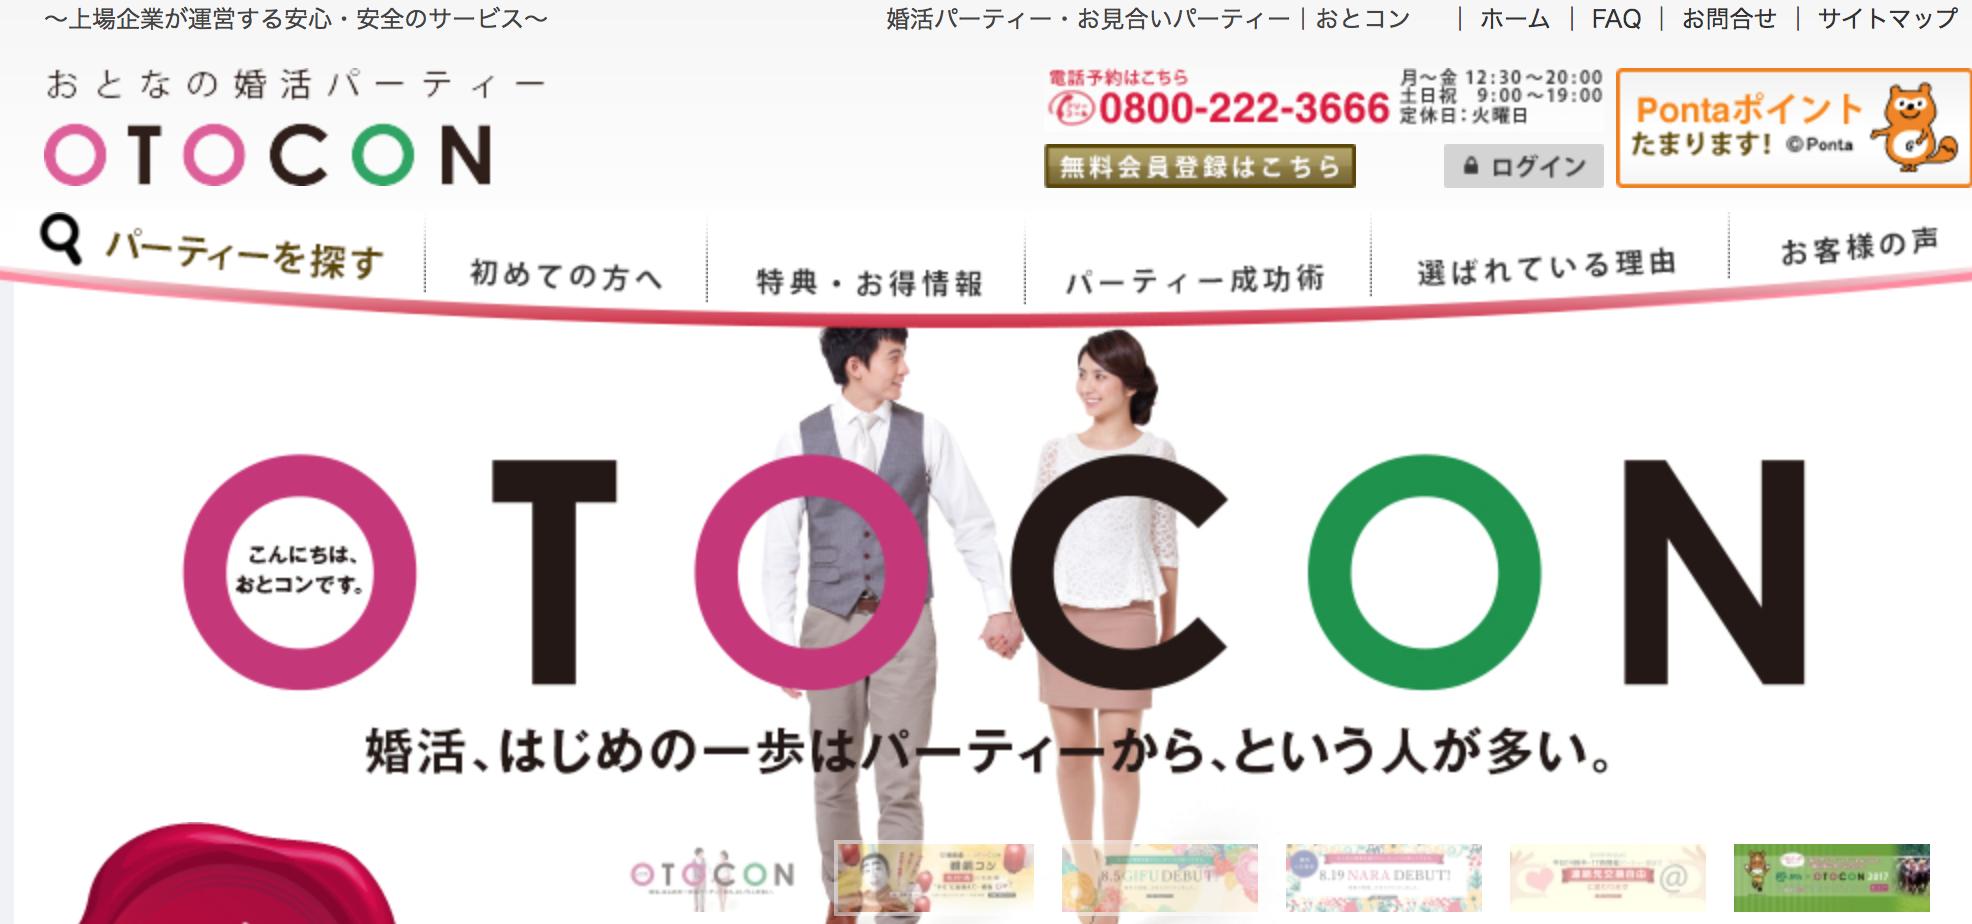 OTOCONの公式ページ